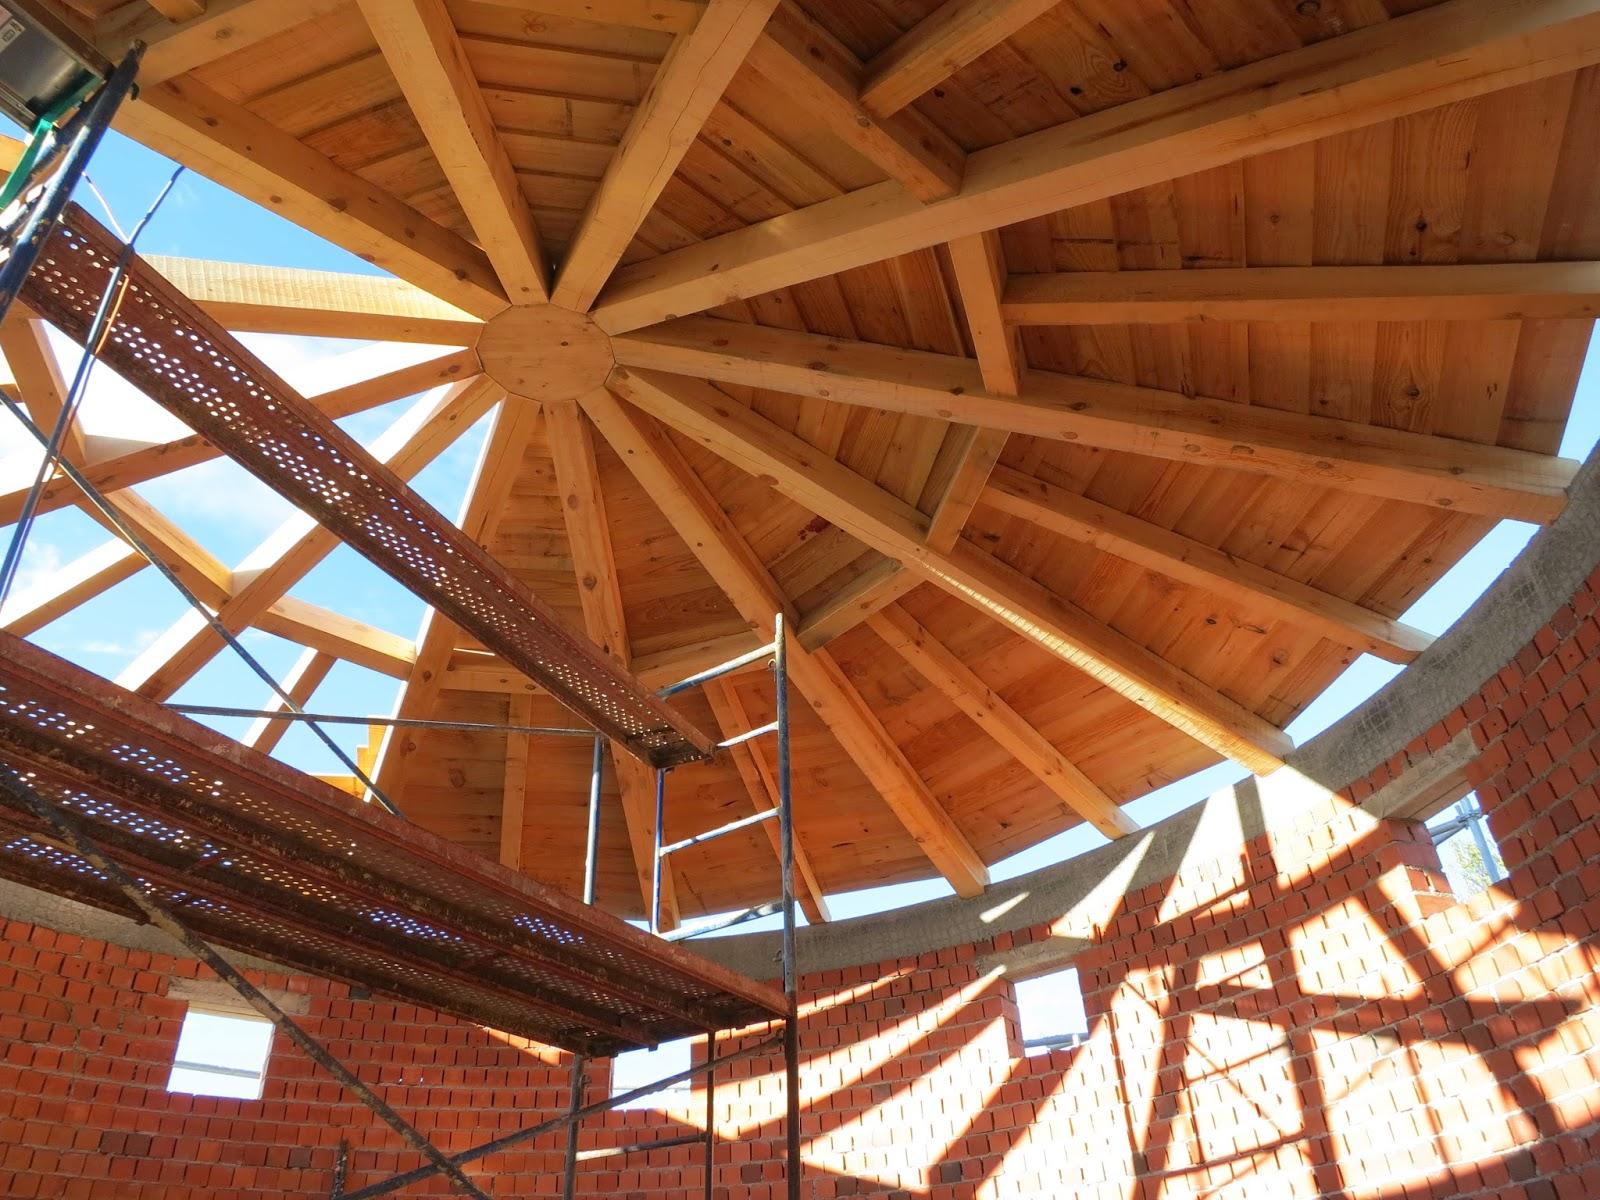 El talon sierte construcci n en segovia estructura de for Tejados de madera vizcaya